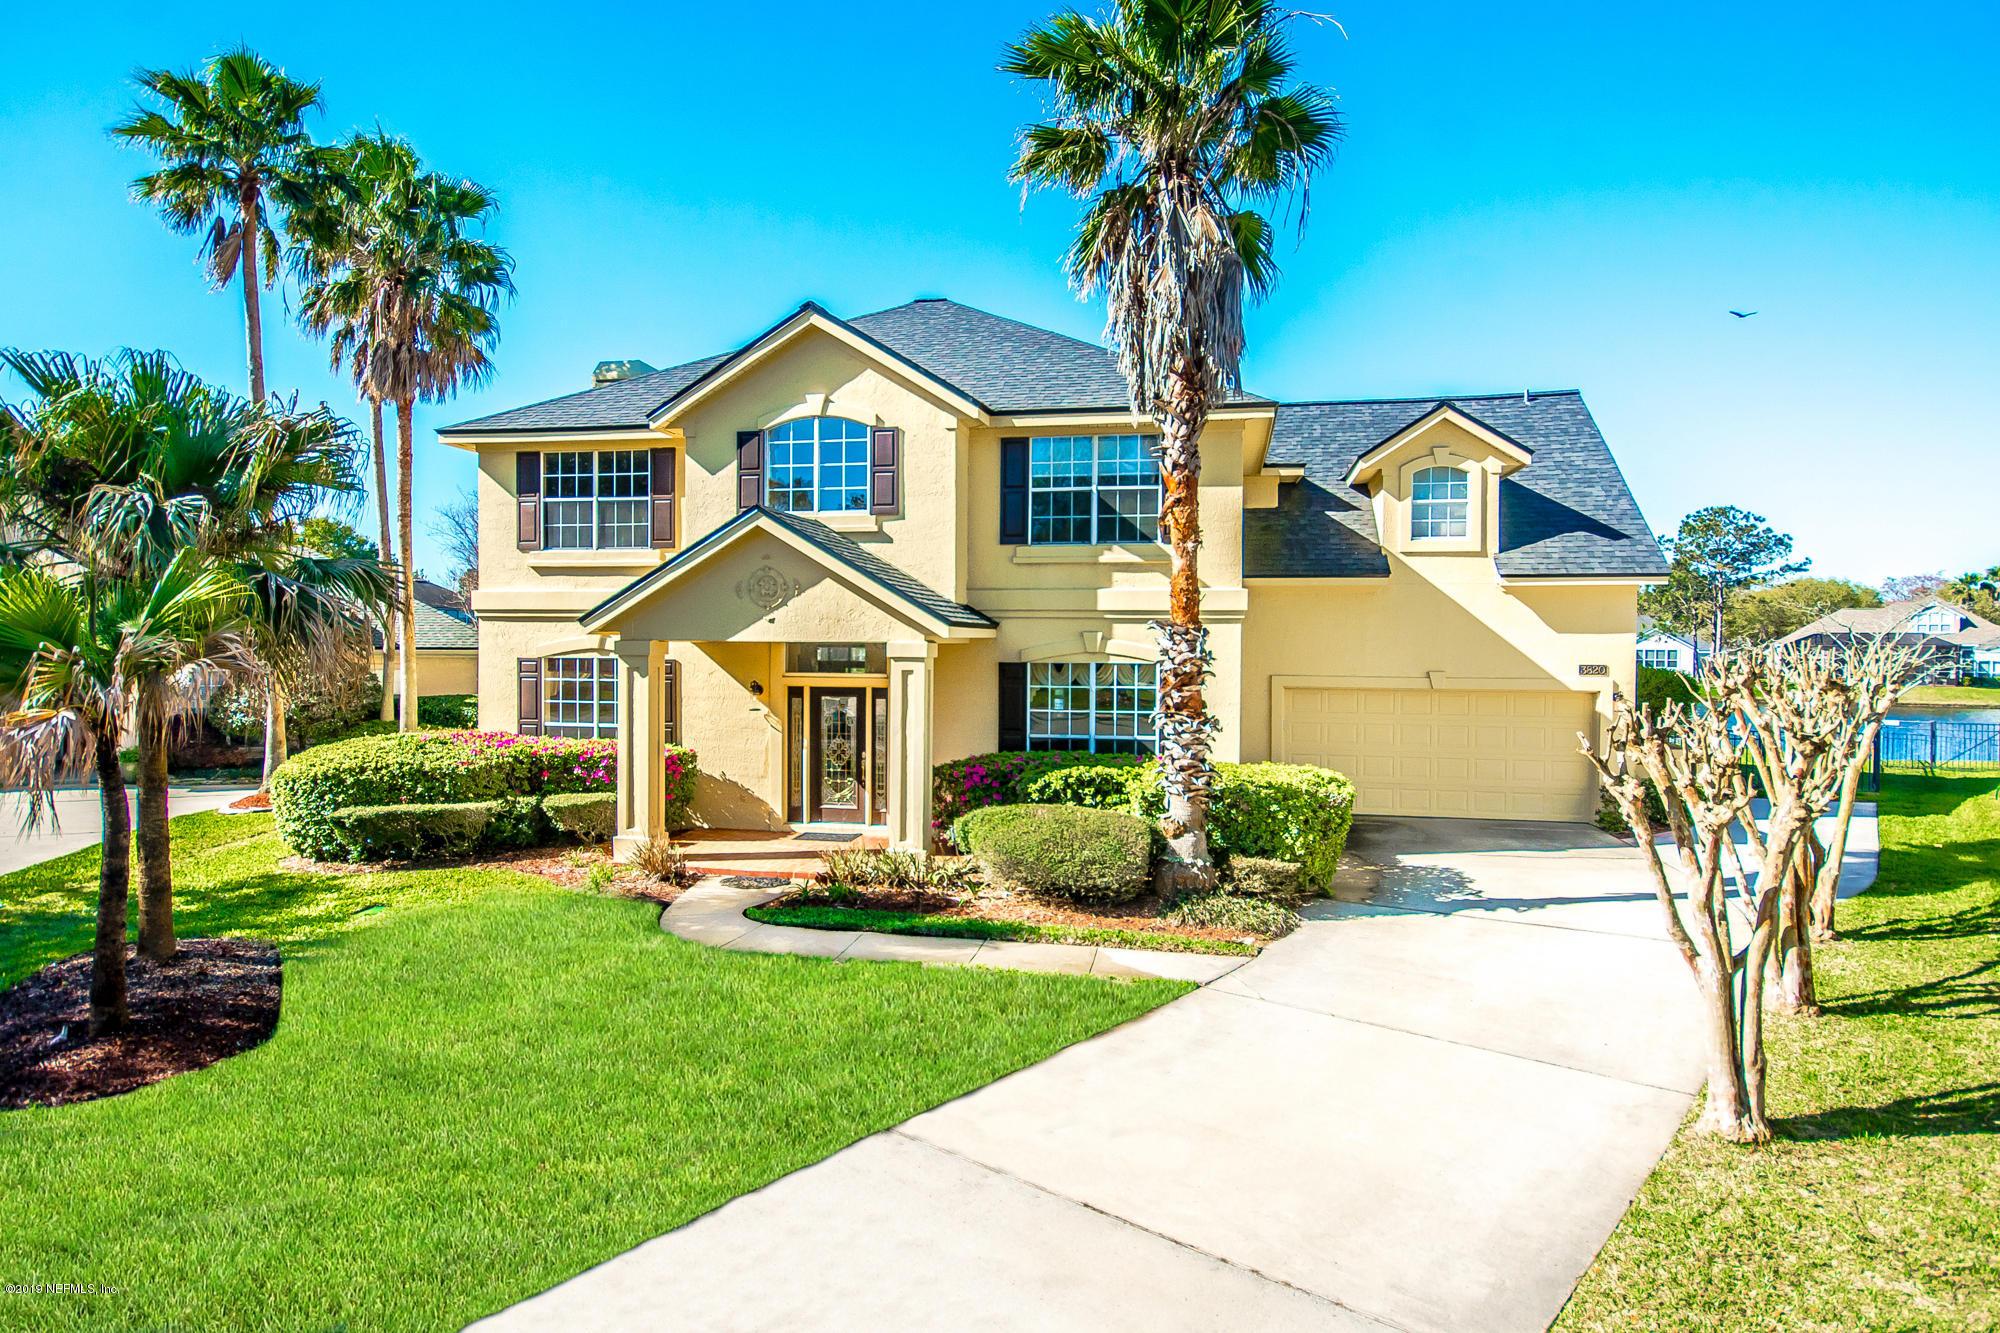 3820 SALTMEADOW, JACKSONVILLE, FLORIDA 32224, 4 Bedrooms Bedrooms, ,3 BathroomsBathrooms,Residential - single family,For sale,SALTMEADOW,988405